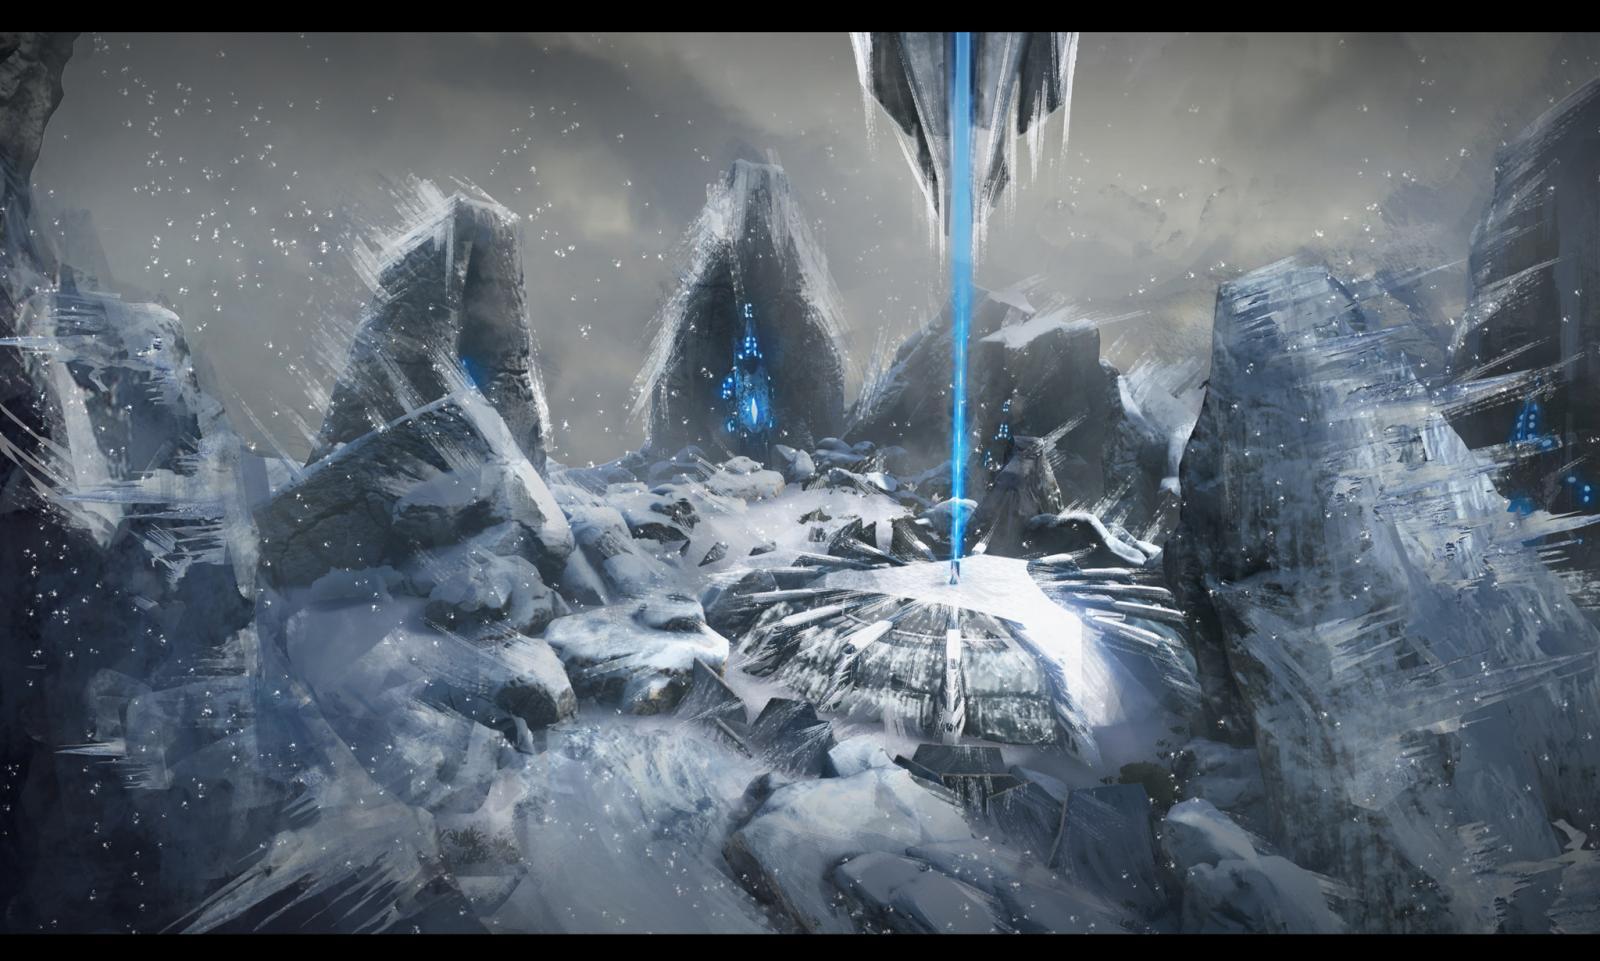 Concept: Snow Mountain